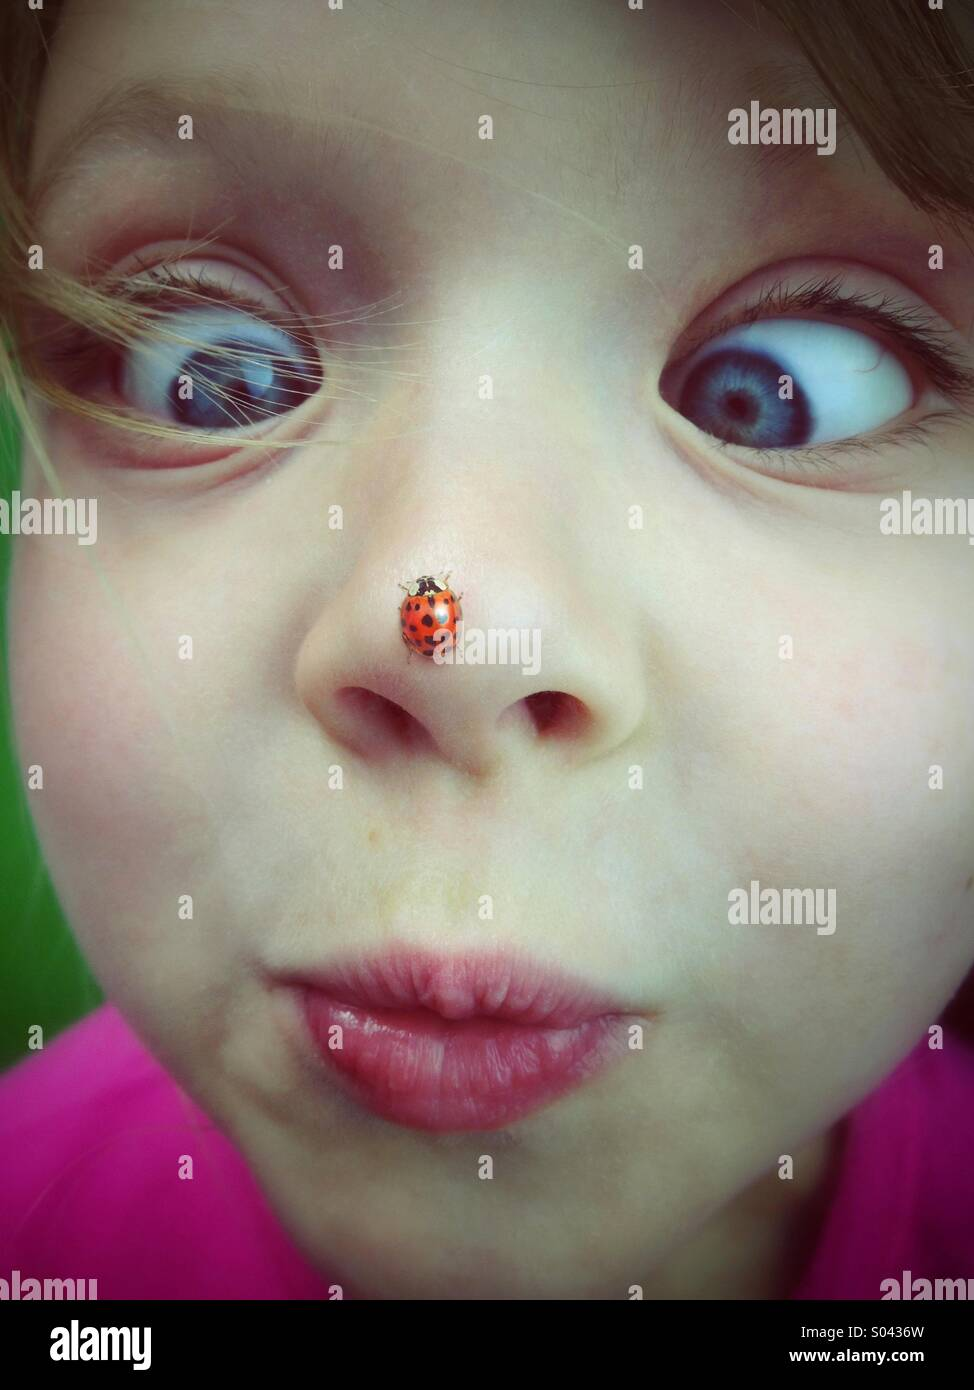 Petite fille avec coccinelle sur son nez Photo Stock